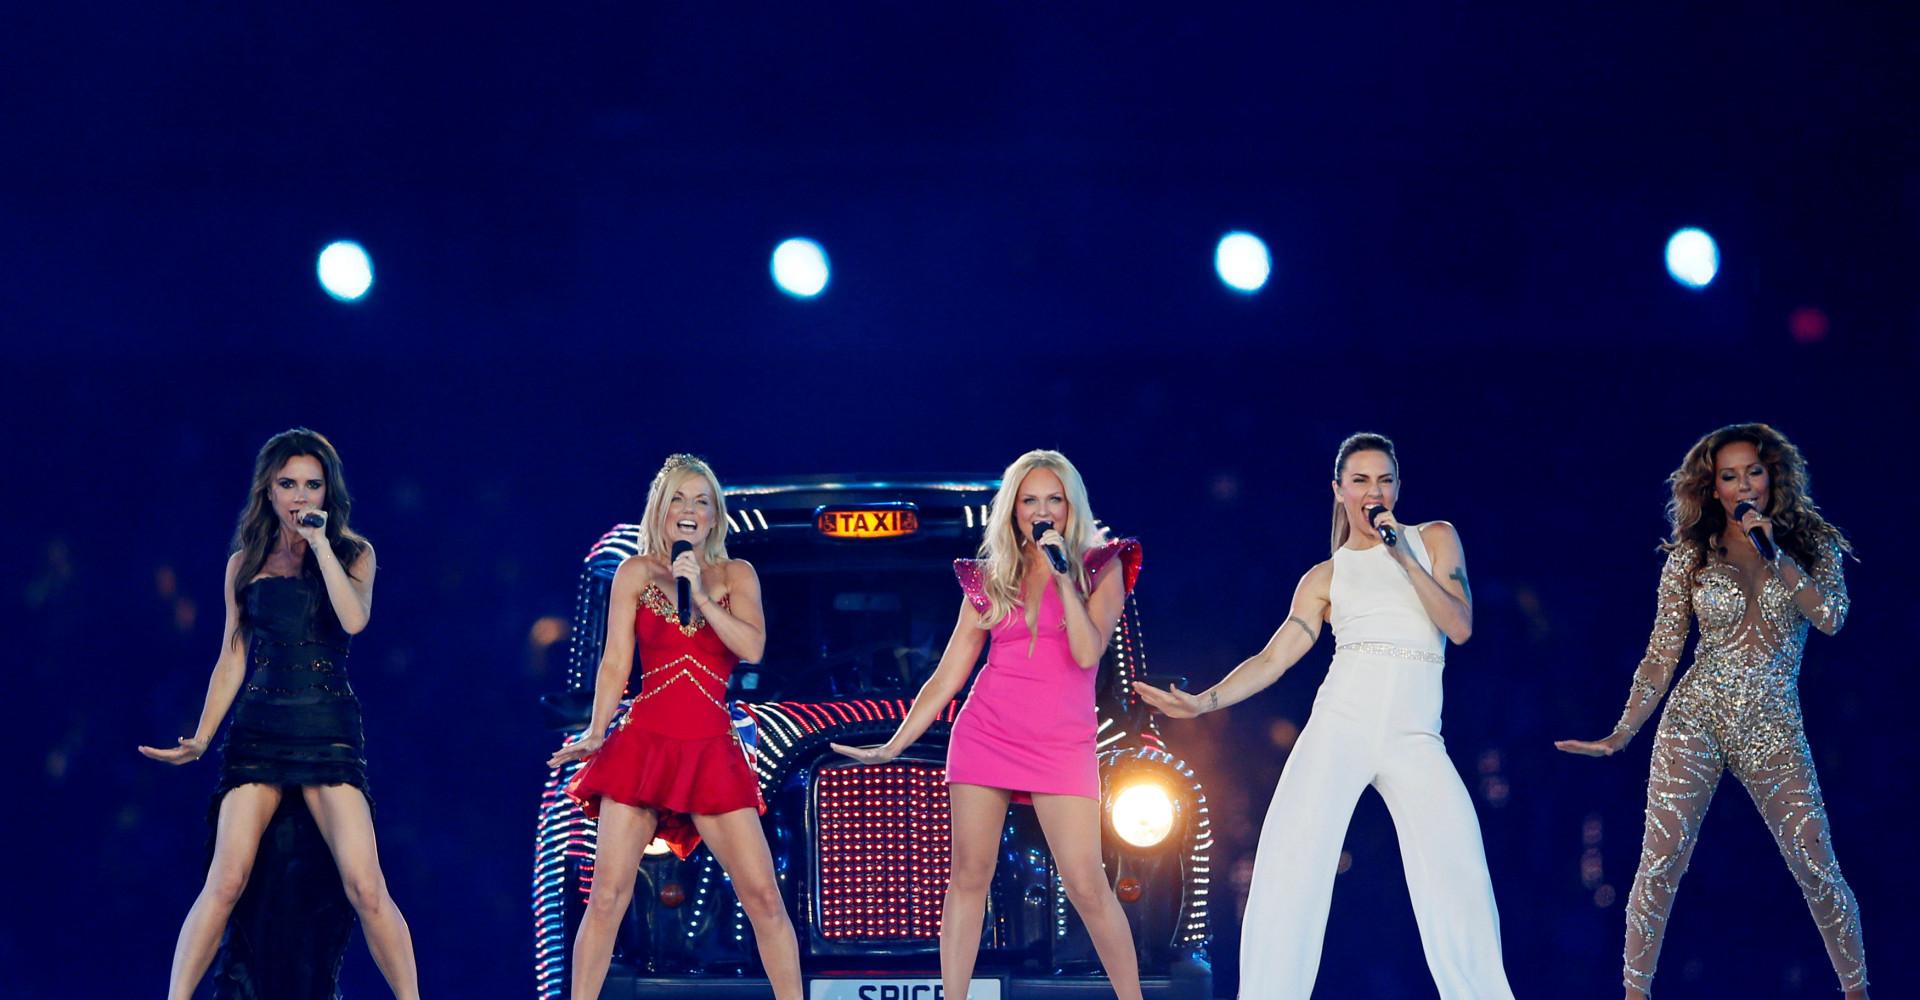 Les Spice Girls sont de retour mais... pas au complet!